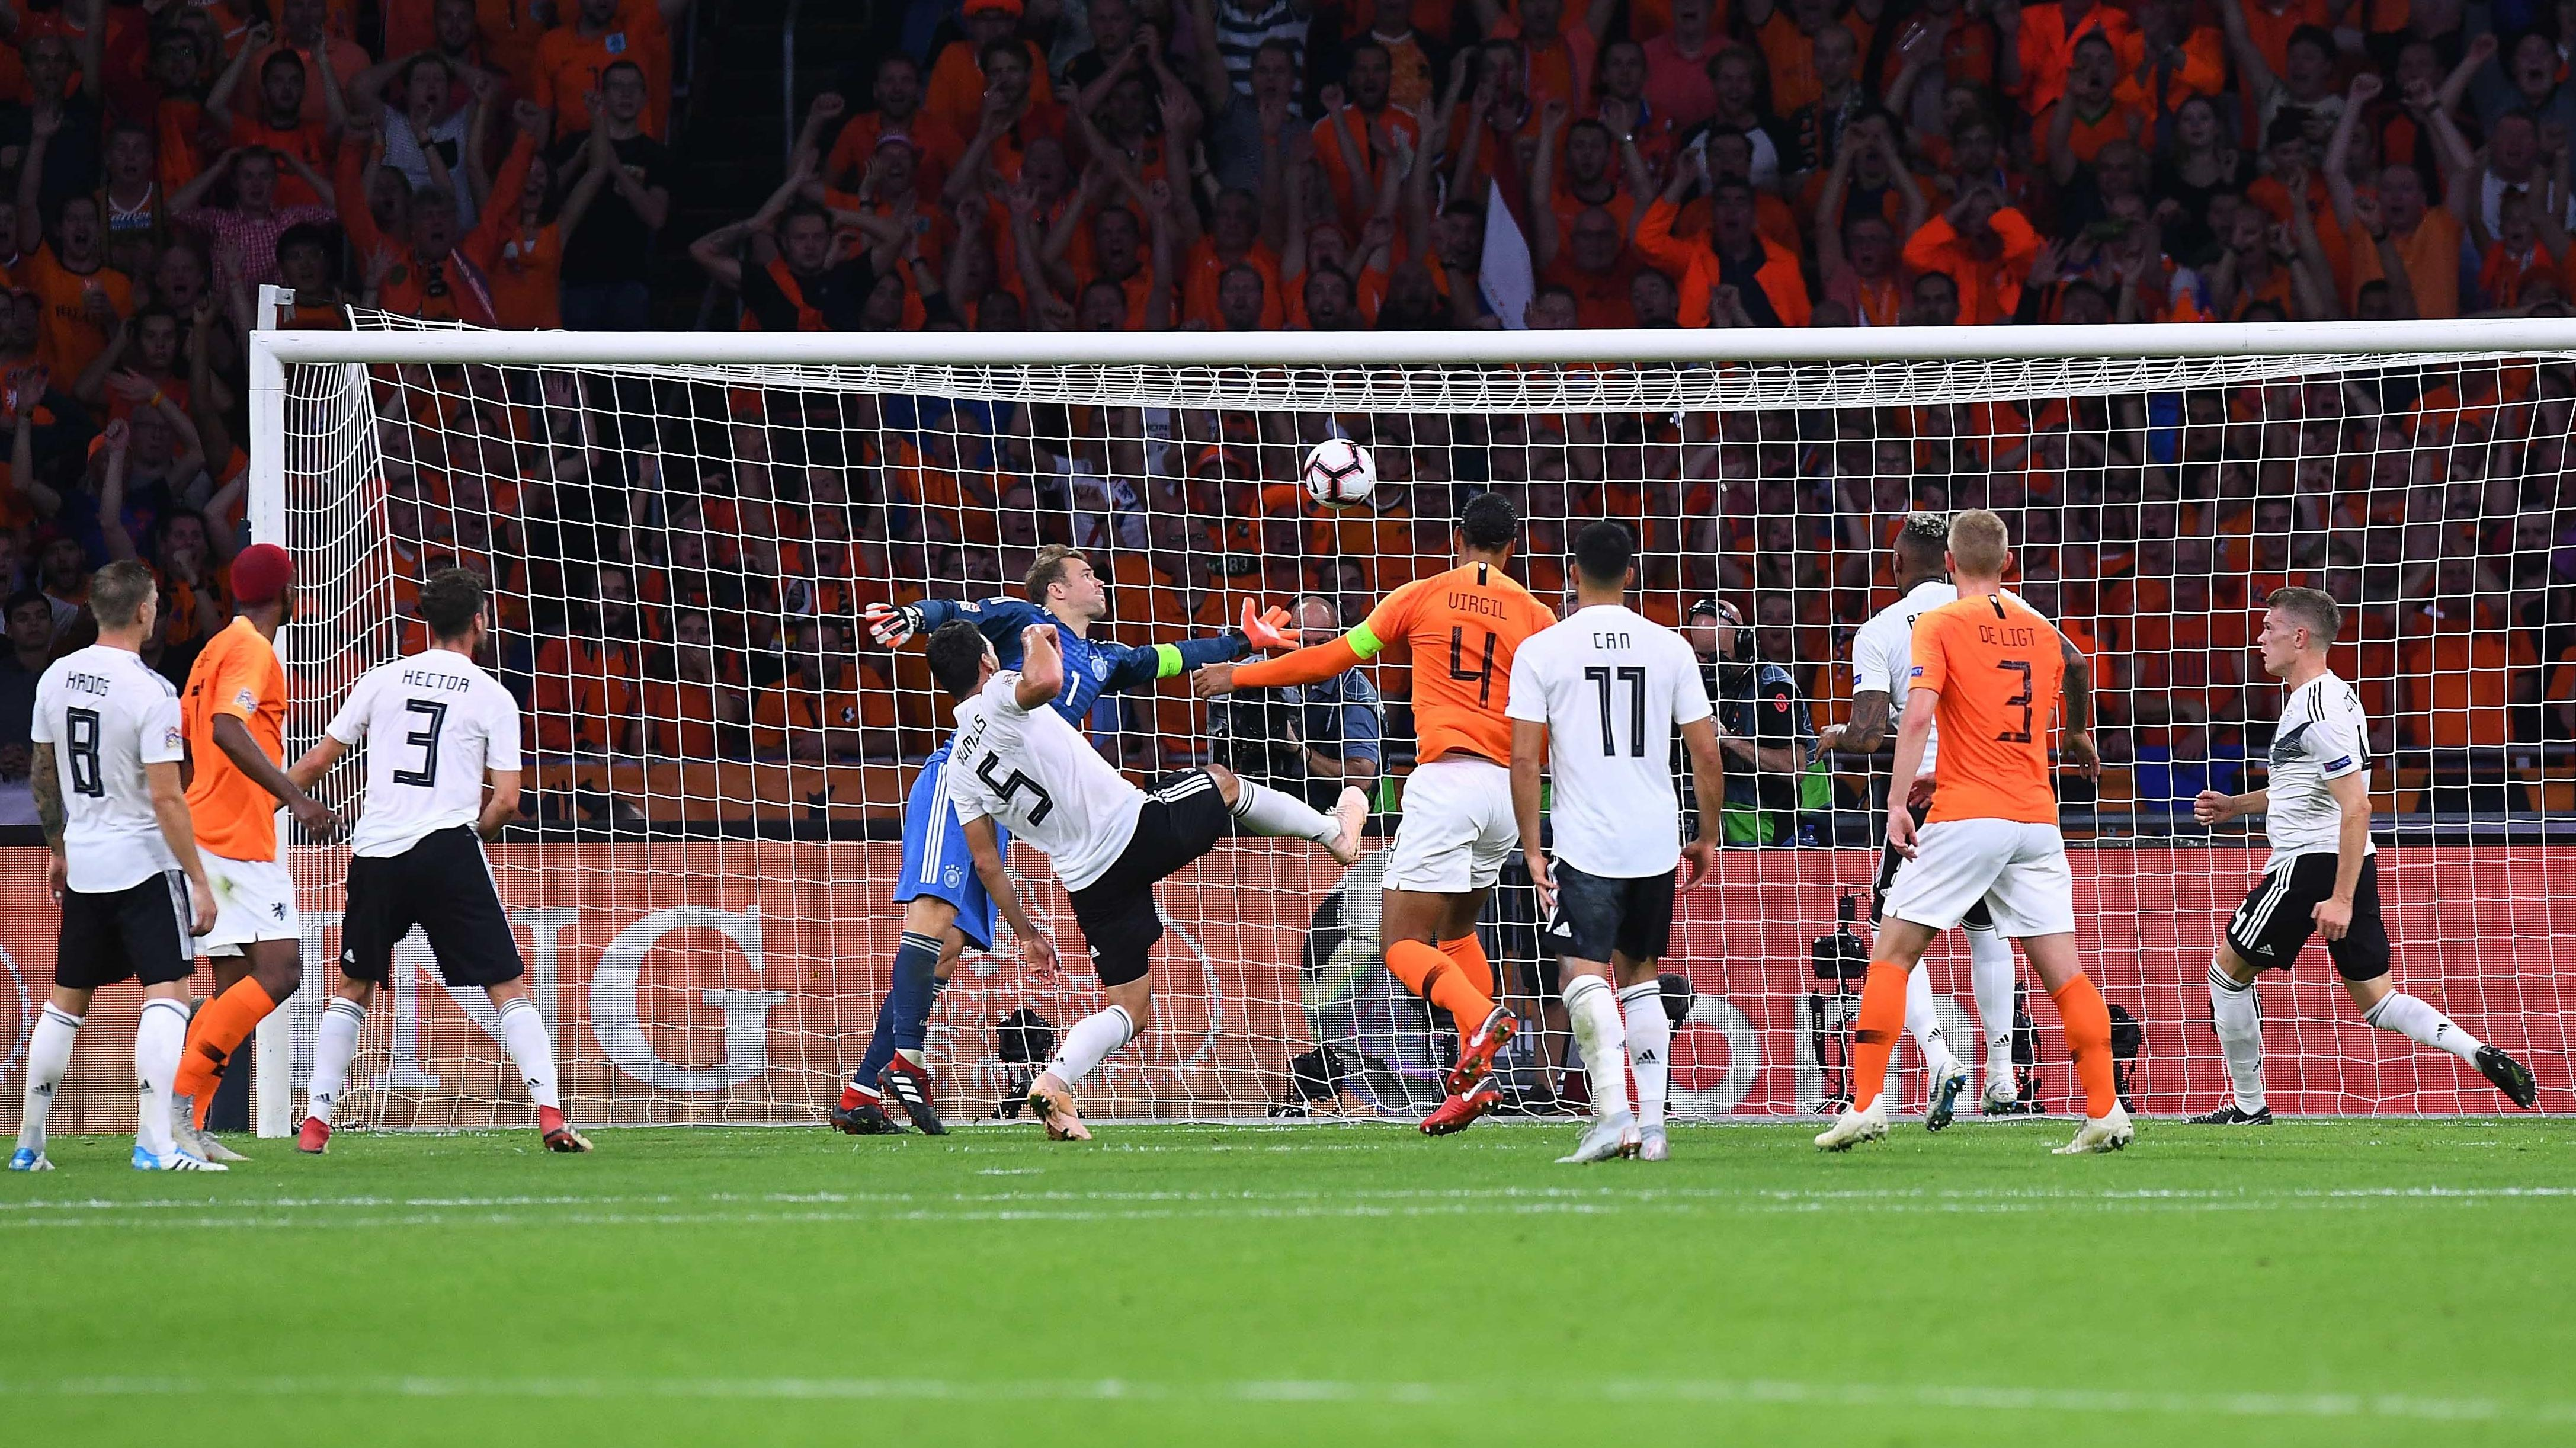 Das 1:0: Virgil van Dijk (Nummer 4) köpft einen Abpraller von der Latte zur Führung ins leere Tor ein.